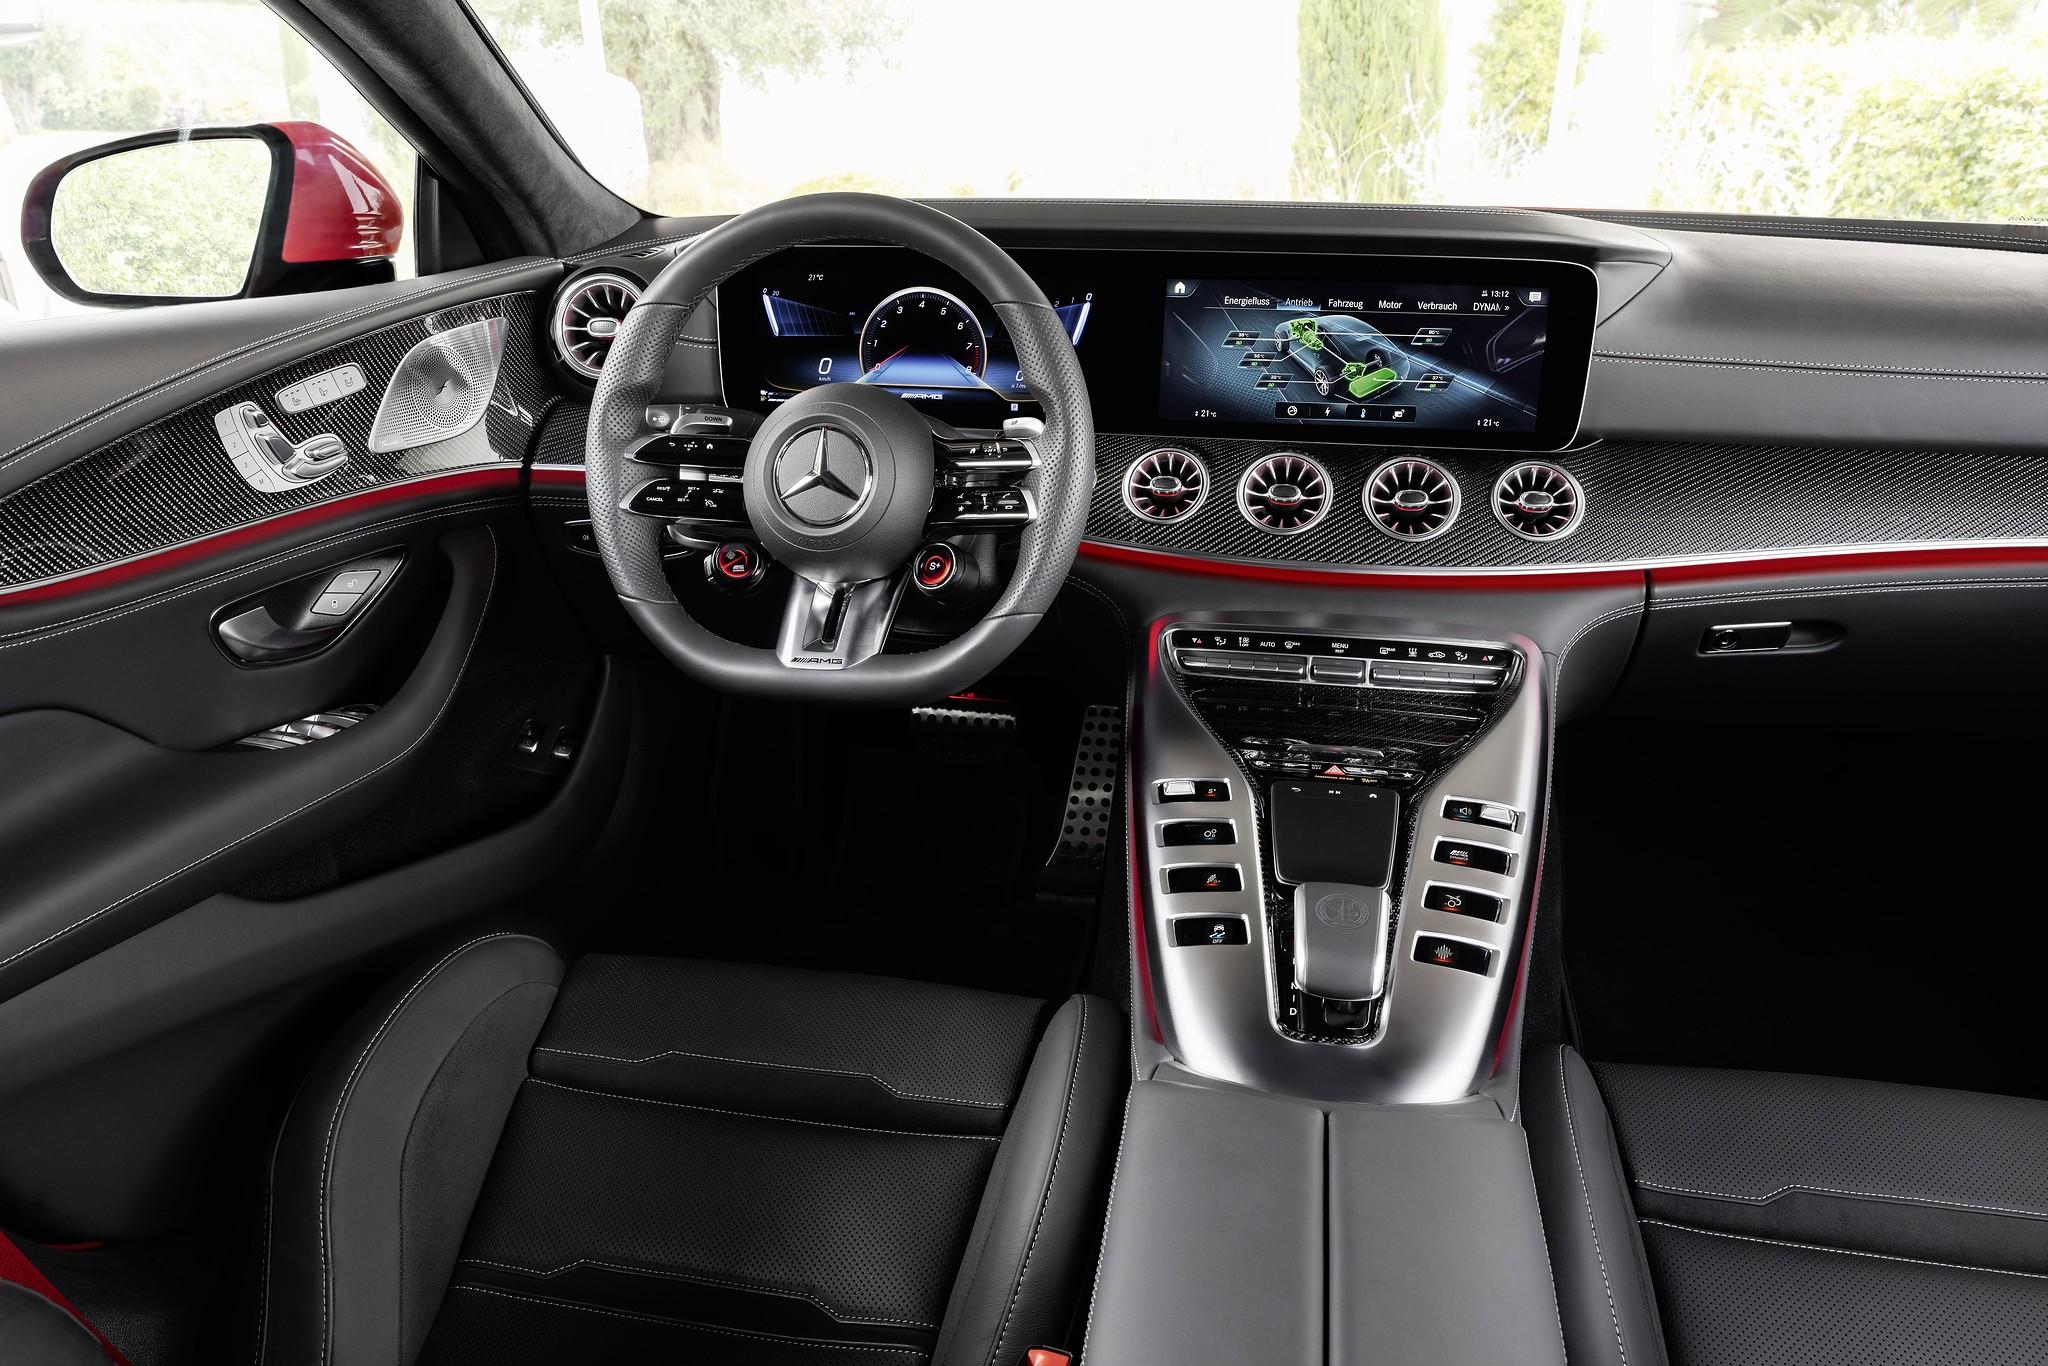 Mercedes AMG GT 63 S E PERFORMANCE   oficiální představení   světová premiéra   první hybridní AMG   sportovně luxusní 4-dveřové coupé   V8 biturbo + elektromotor   výkon 830 koní   objednávky online   AUTOiBUY.com